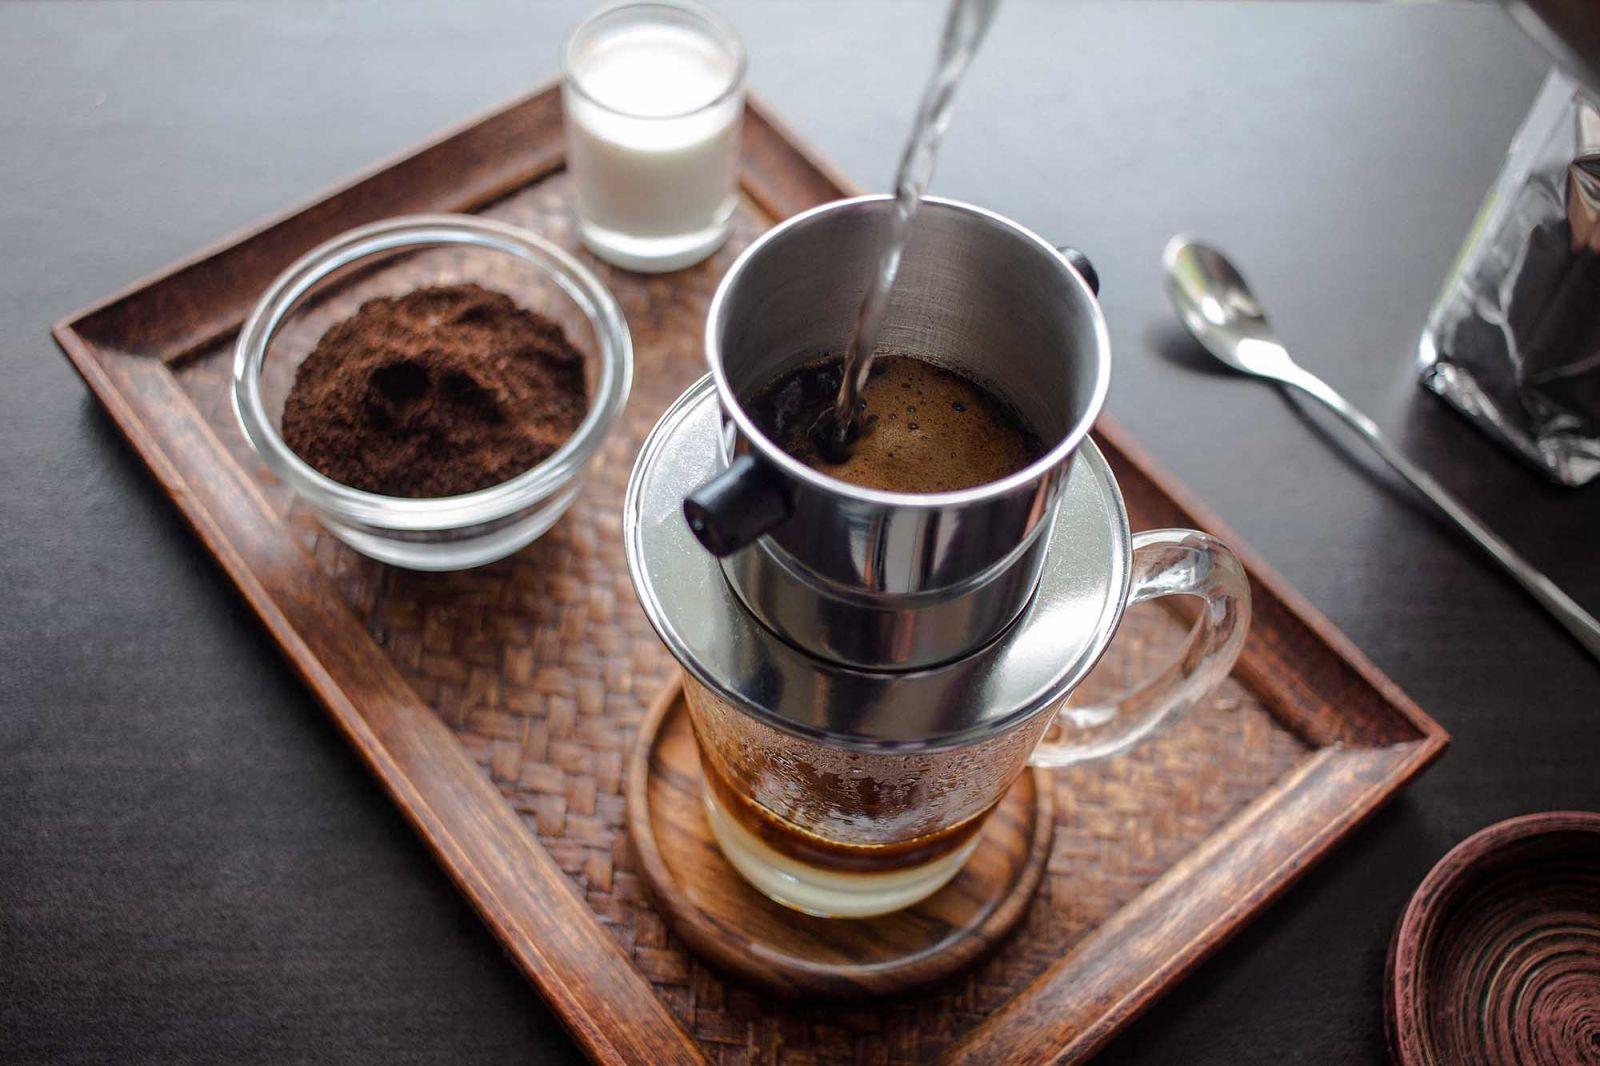 Mẹo ủ cà phê thơm ngon không phải ai cũng biết